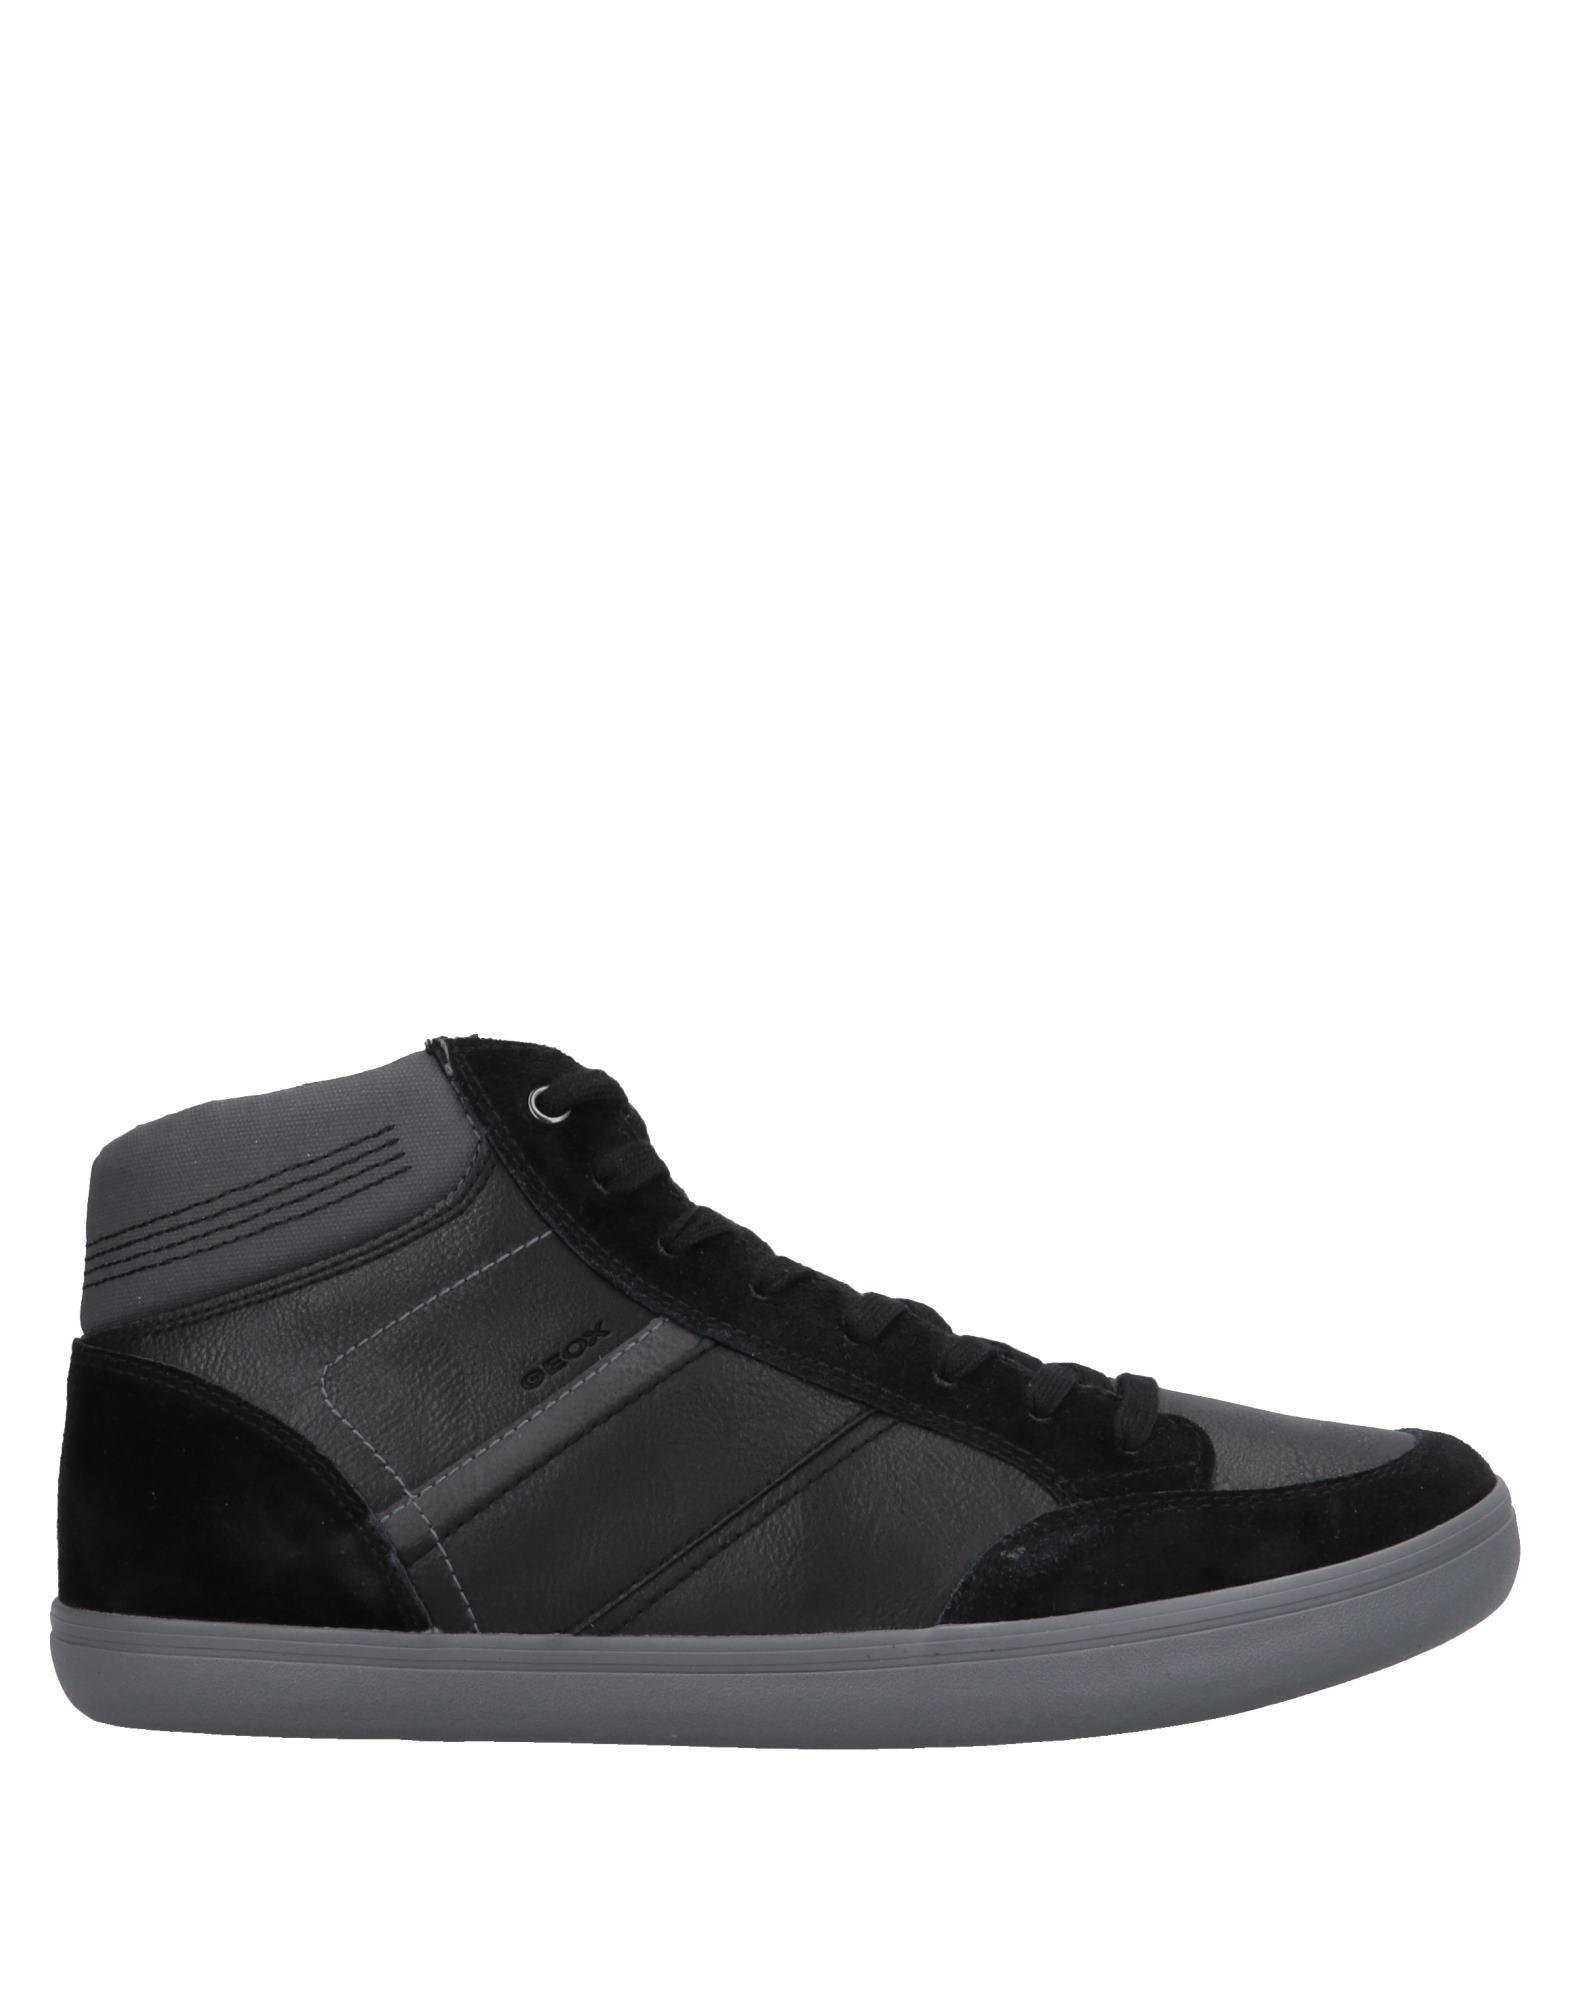 Sneakers Geox Homme - Sneakers Geox  Noir Nouvelles chaussures pour hommes et femmes, remise limitée dans le temps